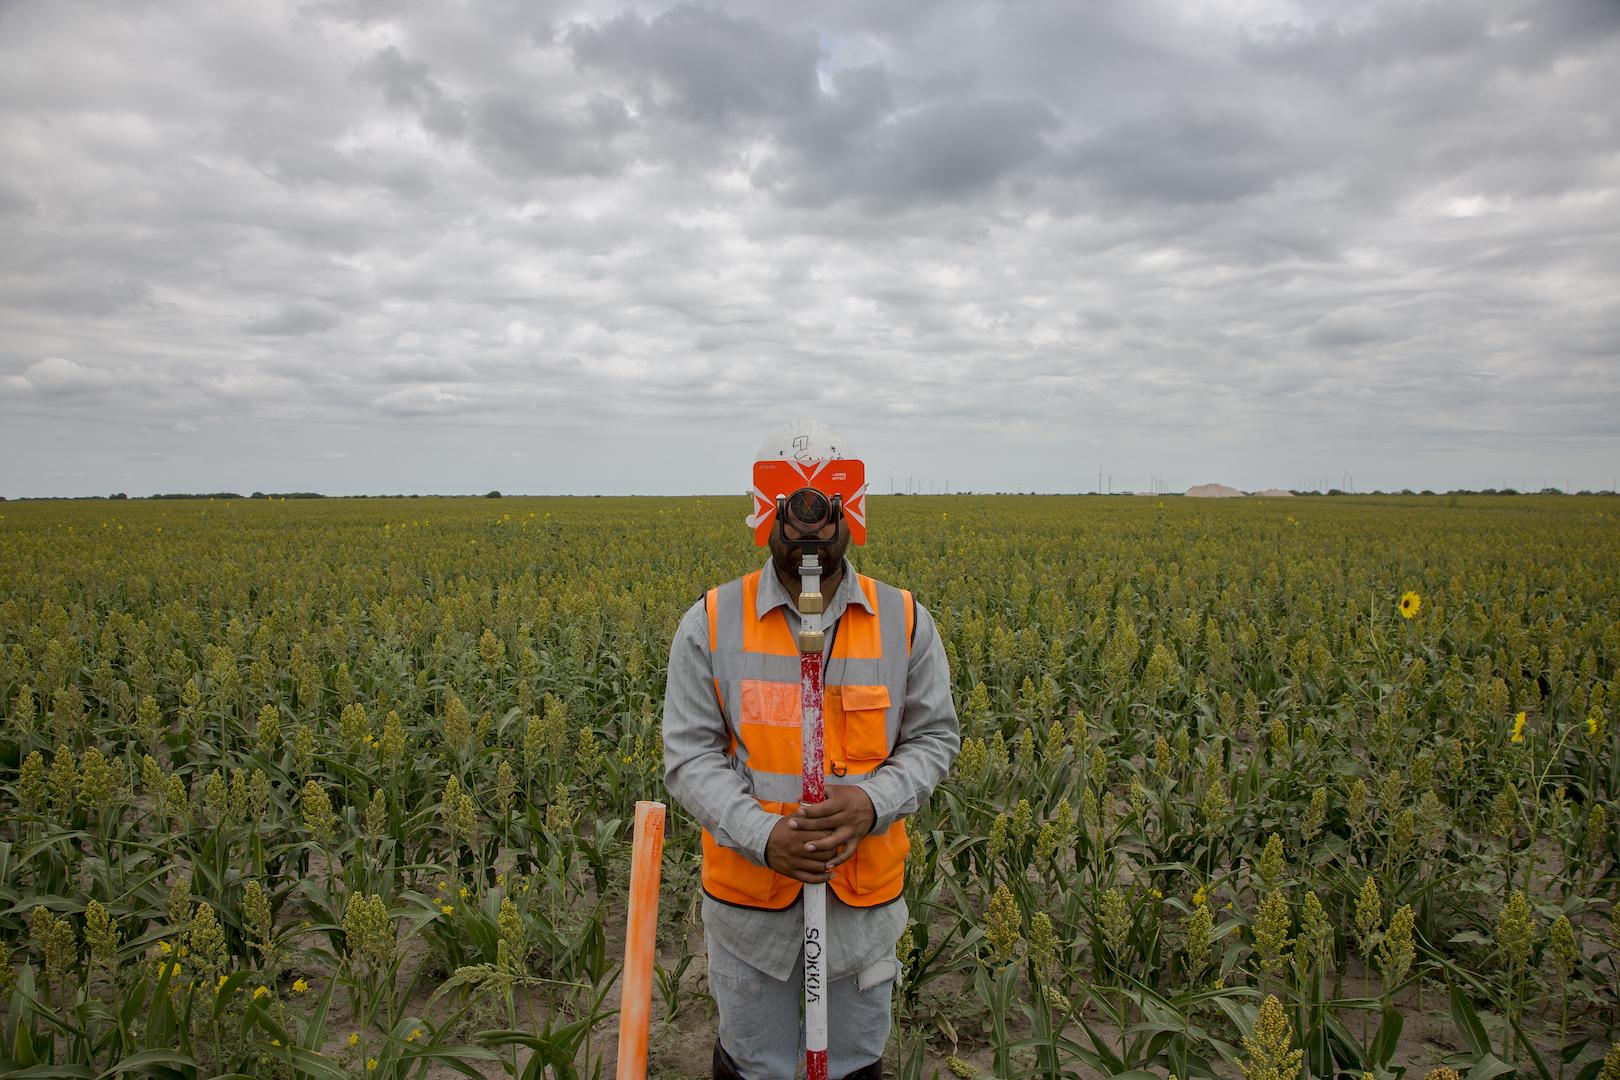 Banca de desarrollo impulsa proyectos fotovoltáicos - El Economista (19.11.17)